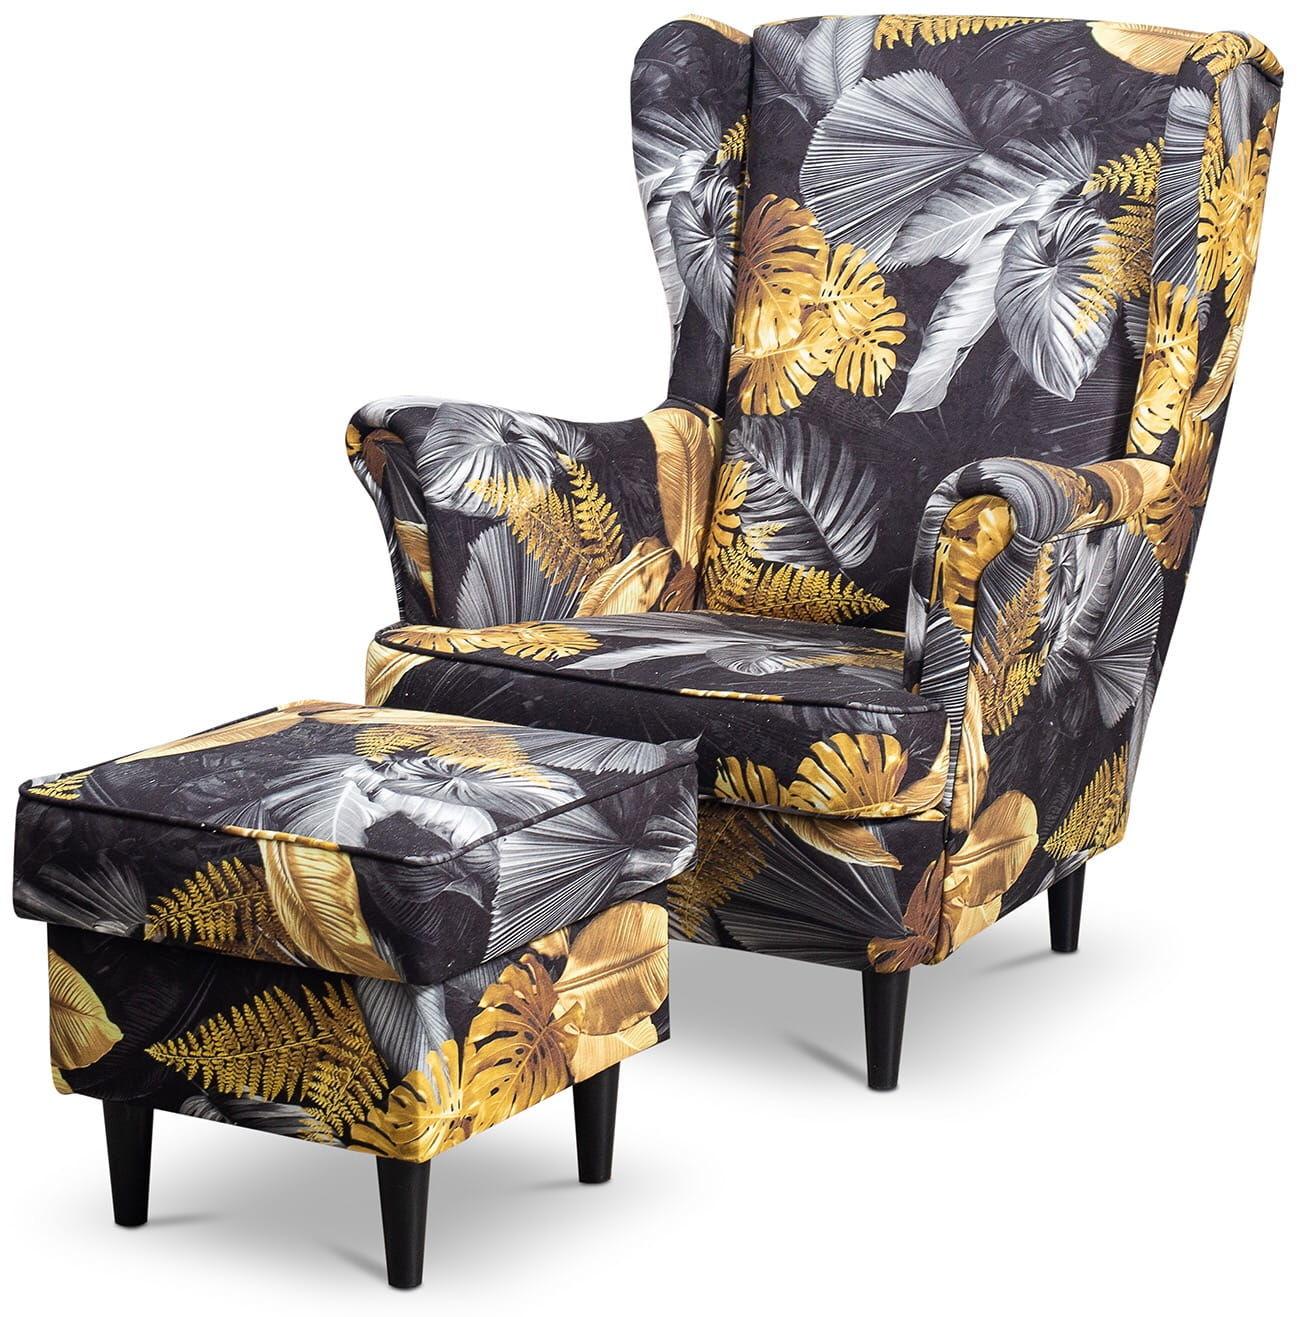 Fotel uszak Lily Kwiaty z podnóżkiem w stylu skandynawskim